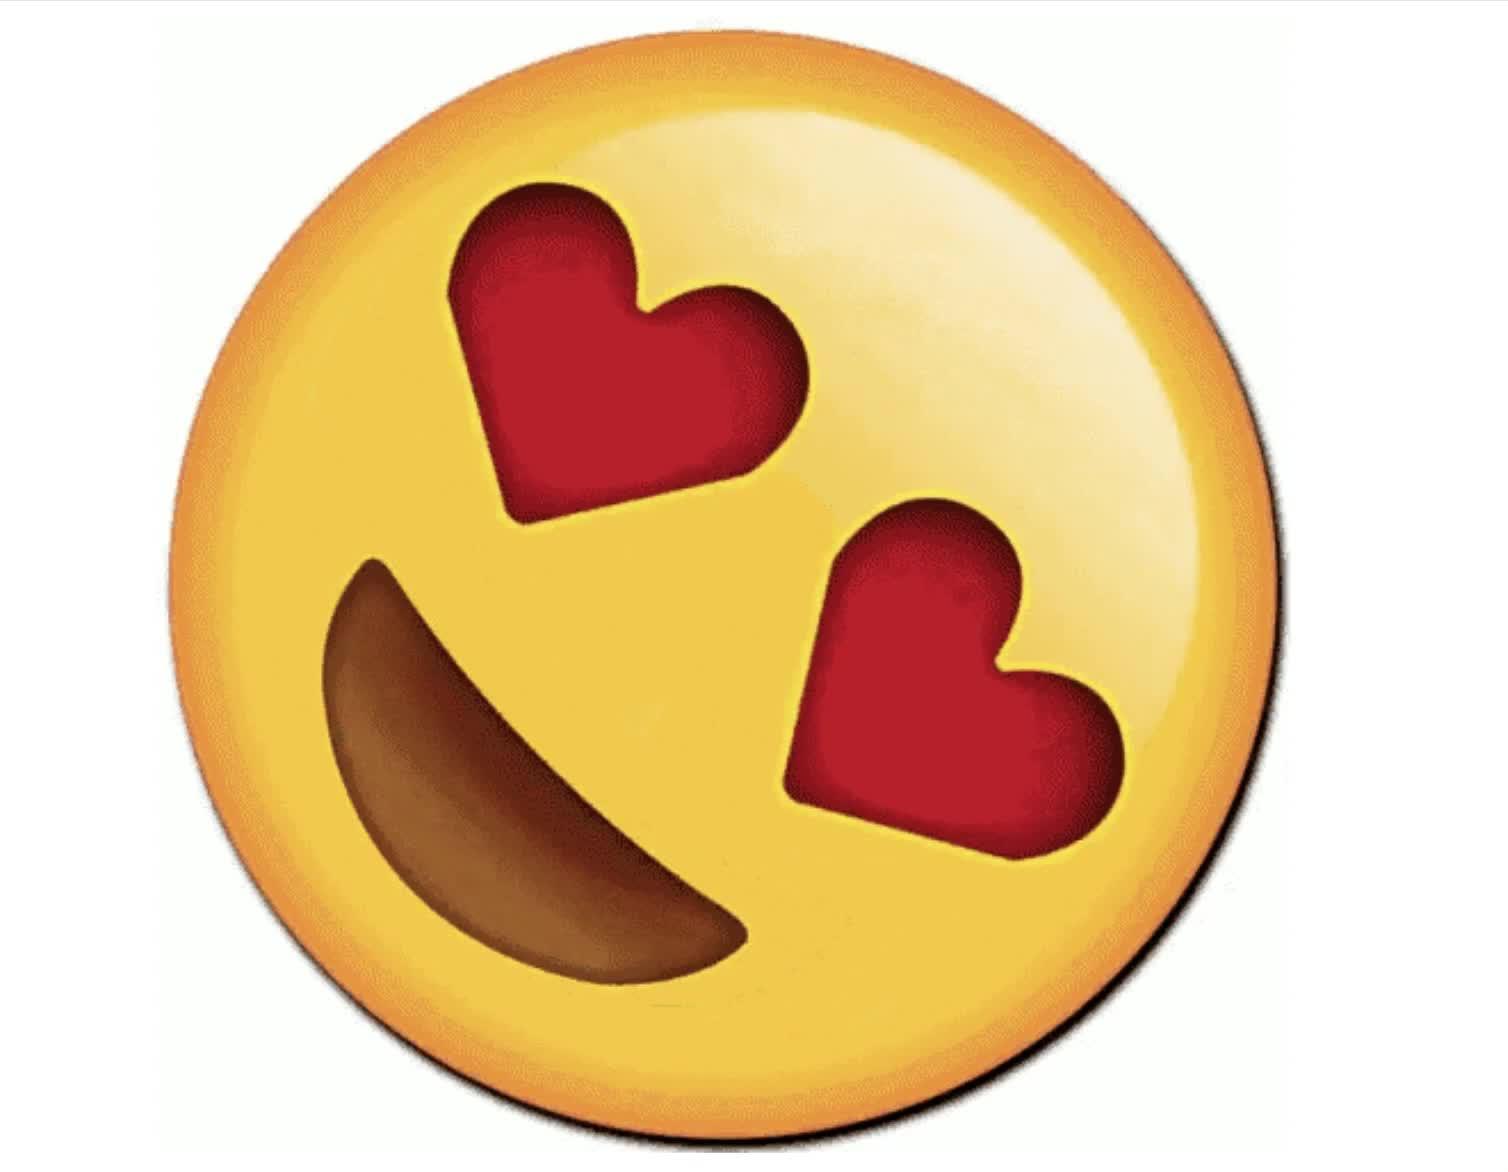 hearts, in love,  GIFs